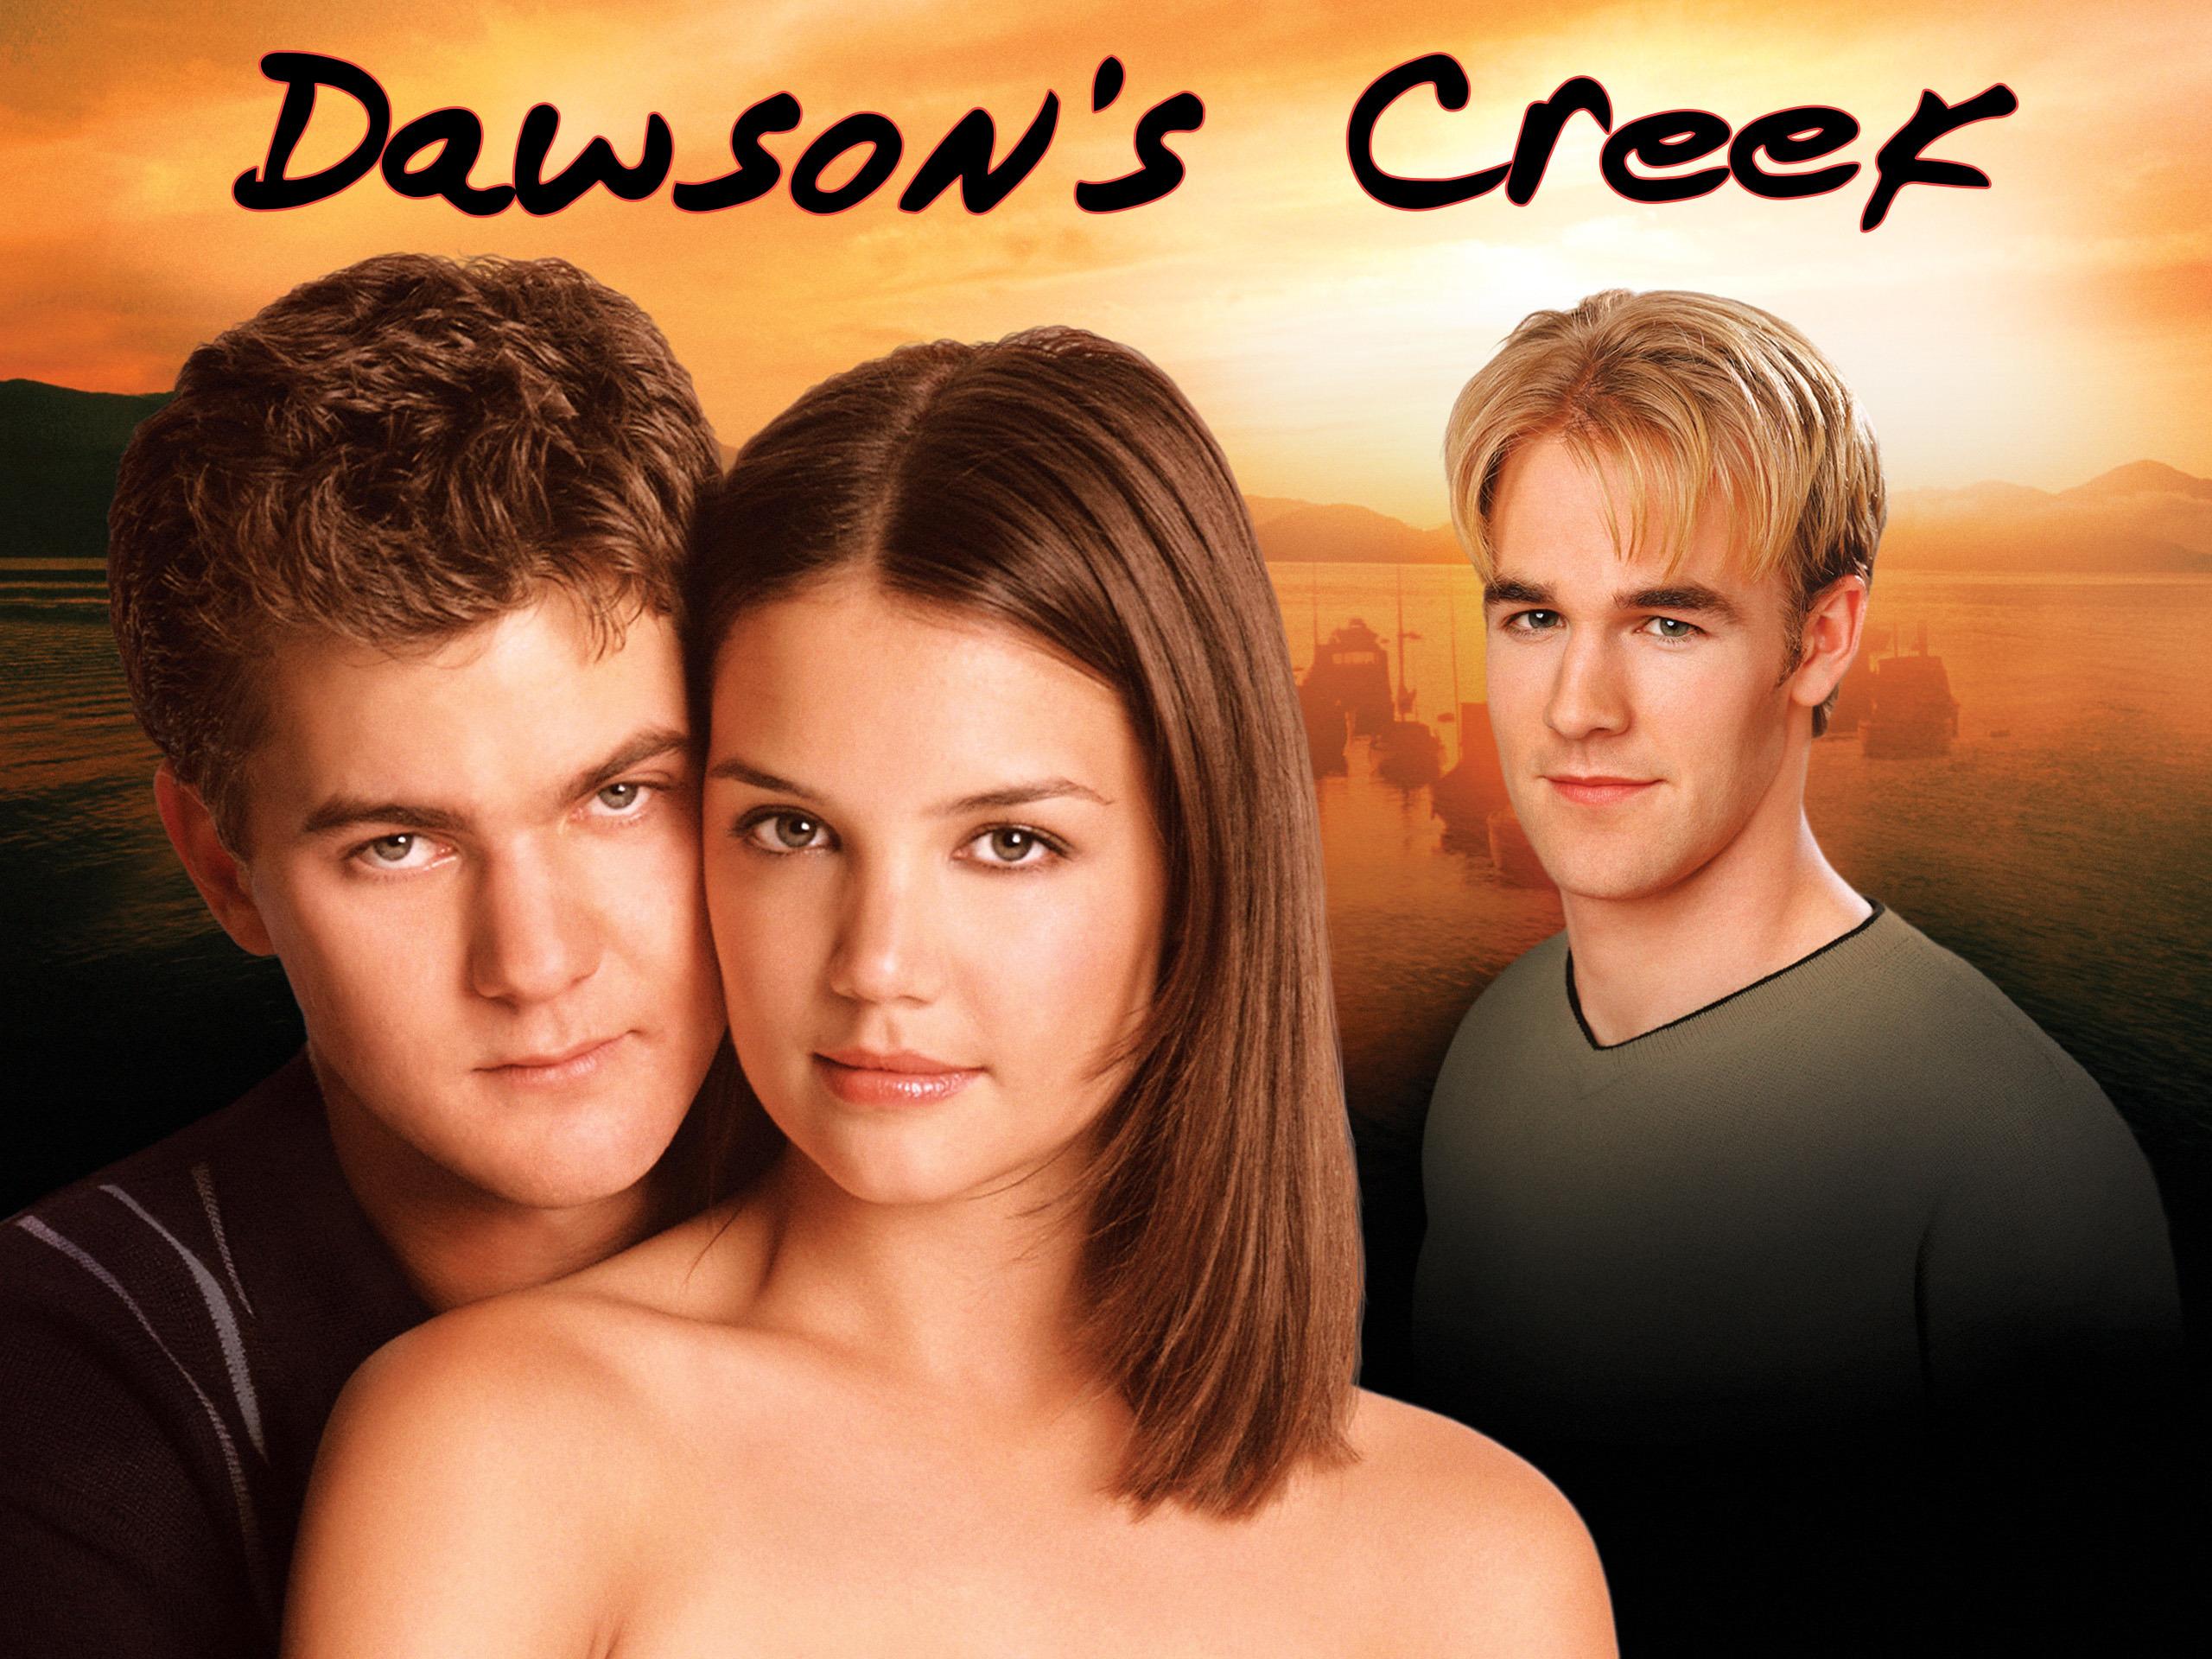 Dawson's Creek Quiz